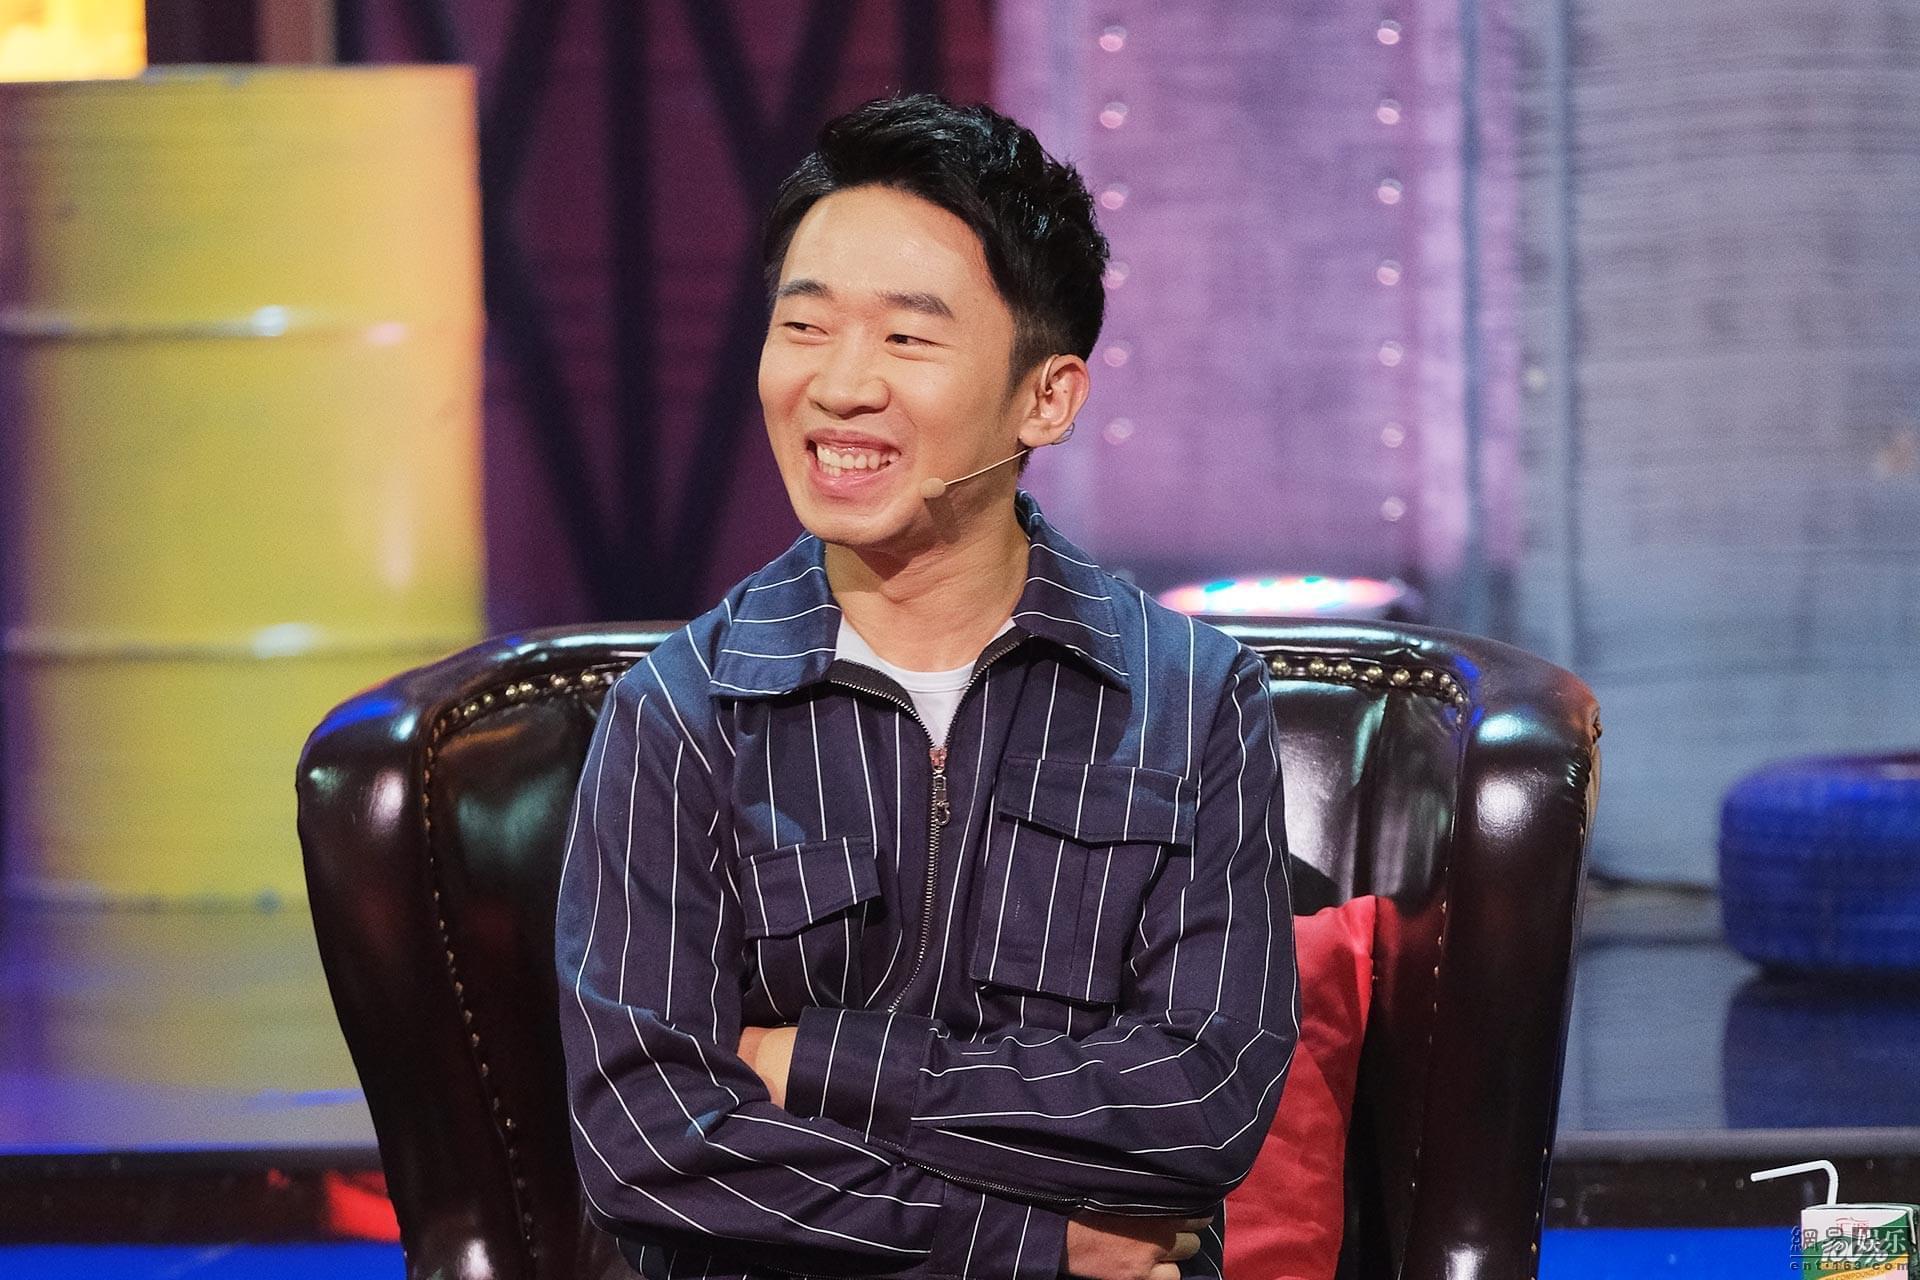 《吐丝联盟》播放量破亿 杨迪想和王俊凯做朋友